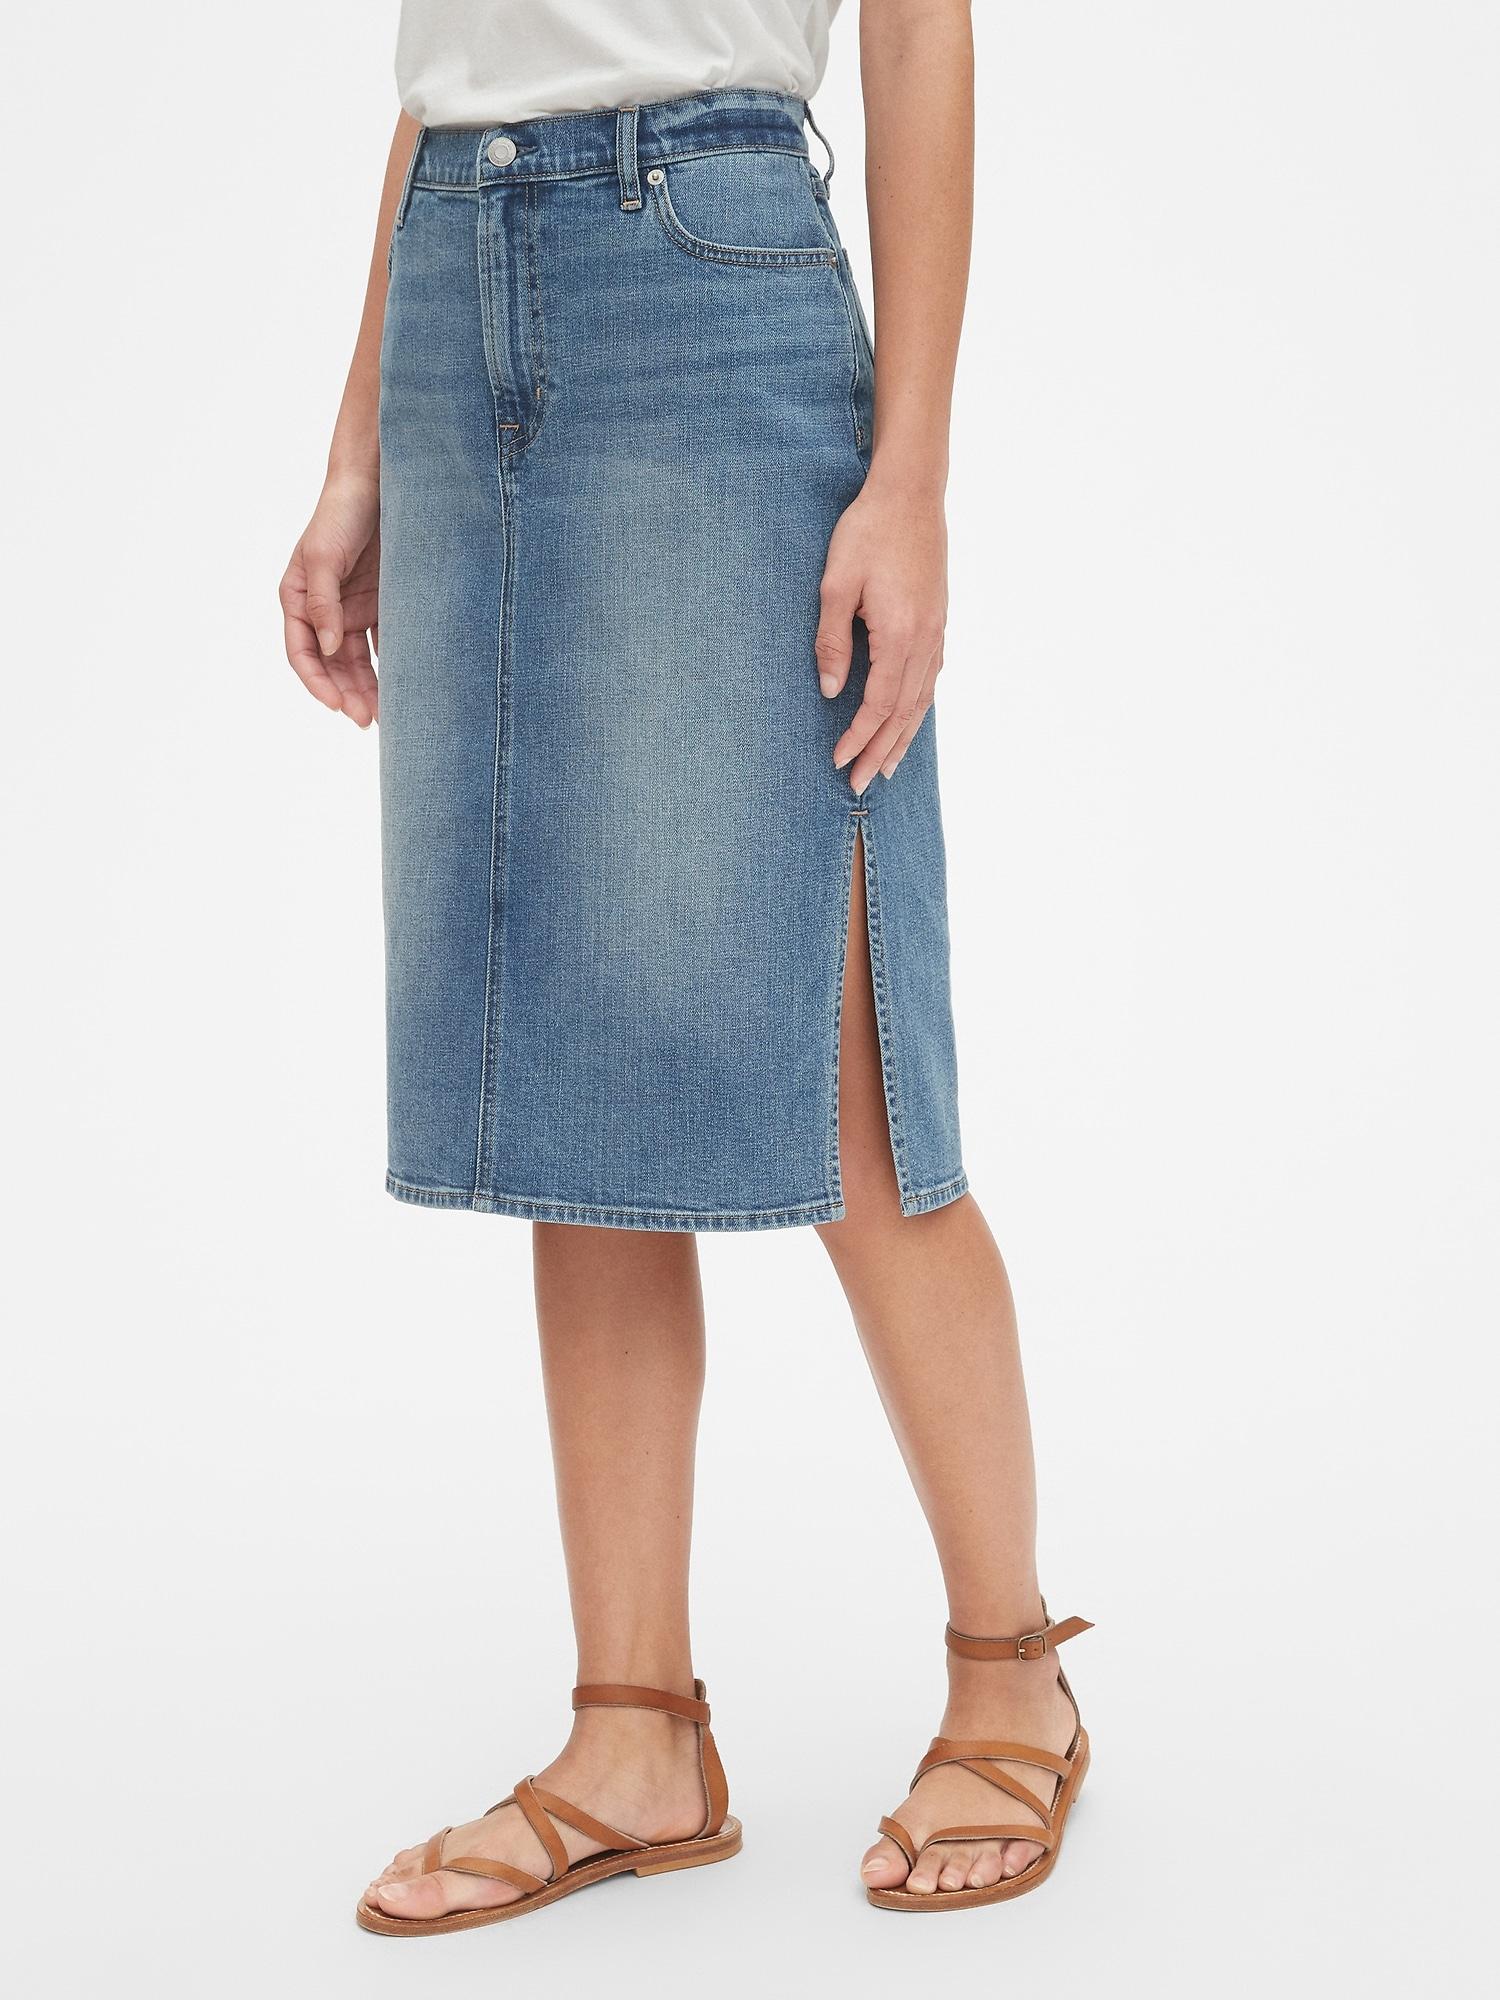 6098ebbac2 Denim Pencil Skirt Gap – DACC